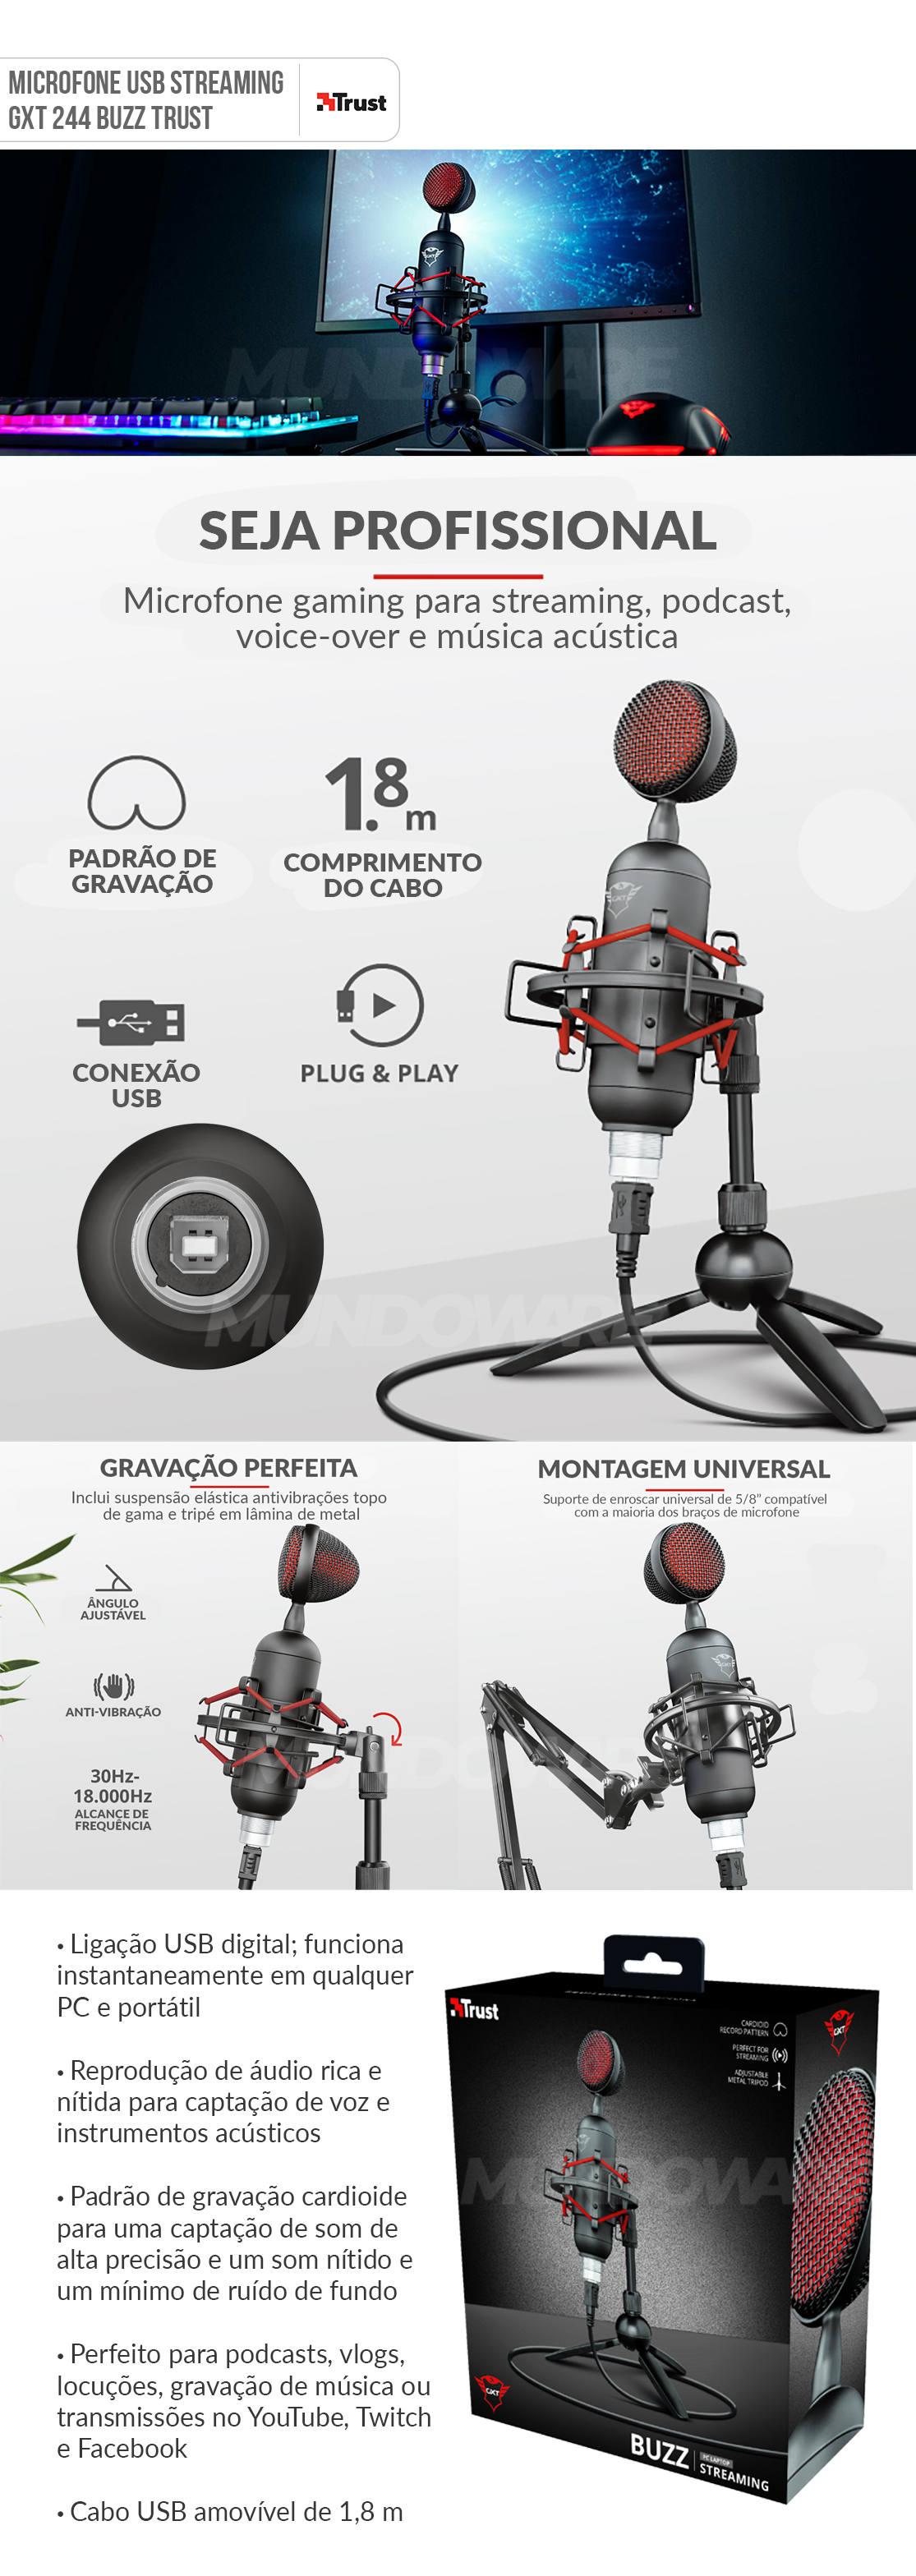 Microfone Cardioide USB digital para Streaming de Alta Precisão GXT 244 Buzz Trust